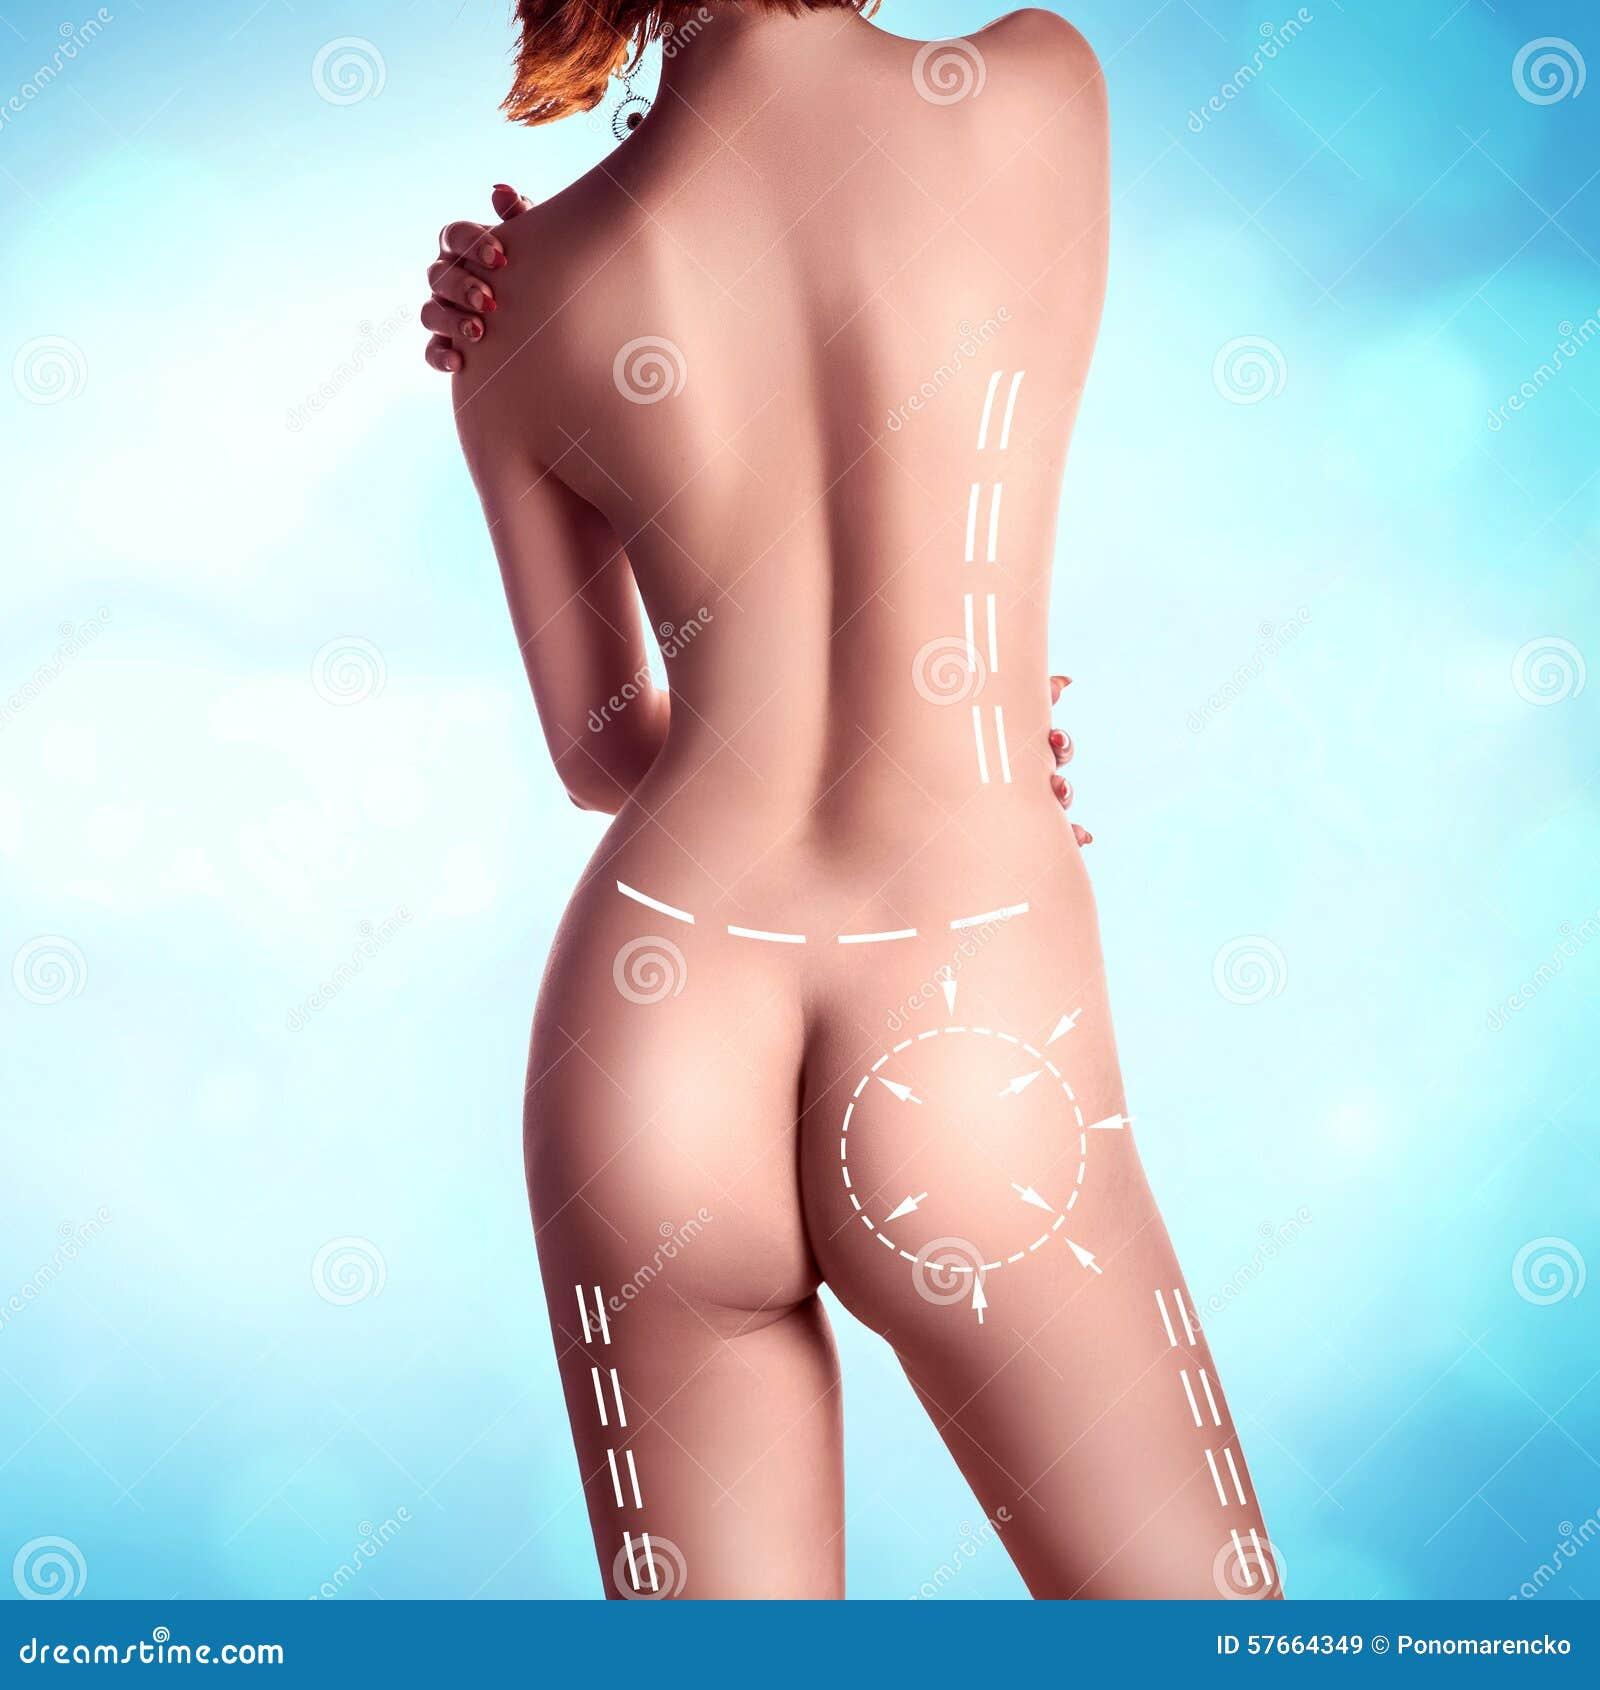 Perfect kobiety ciało od behind z rysunkowymi strzała i lampasami